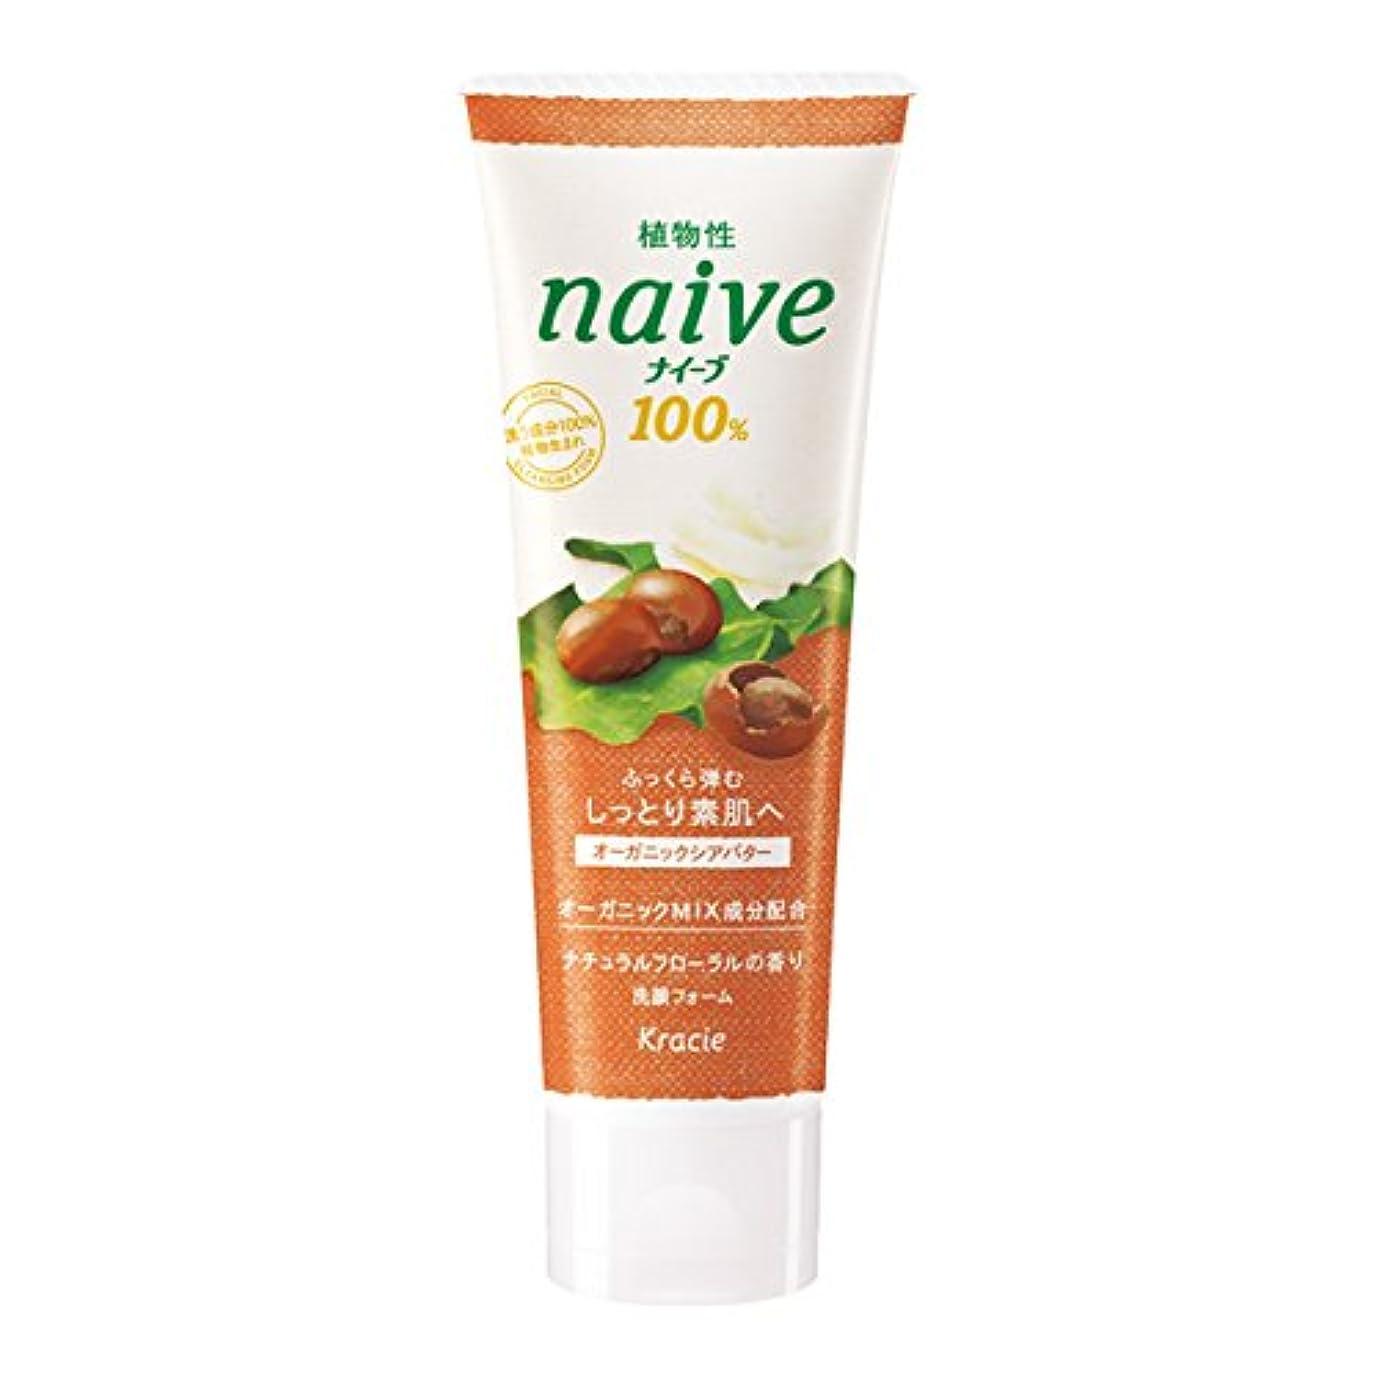 作者スクランブルかまどナイーブ 洗顔フォーム シアバター配合 ナチュラルフローラルの香り 110g